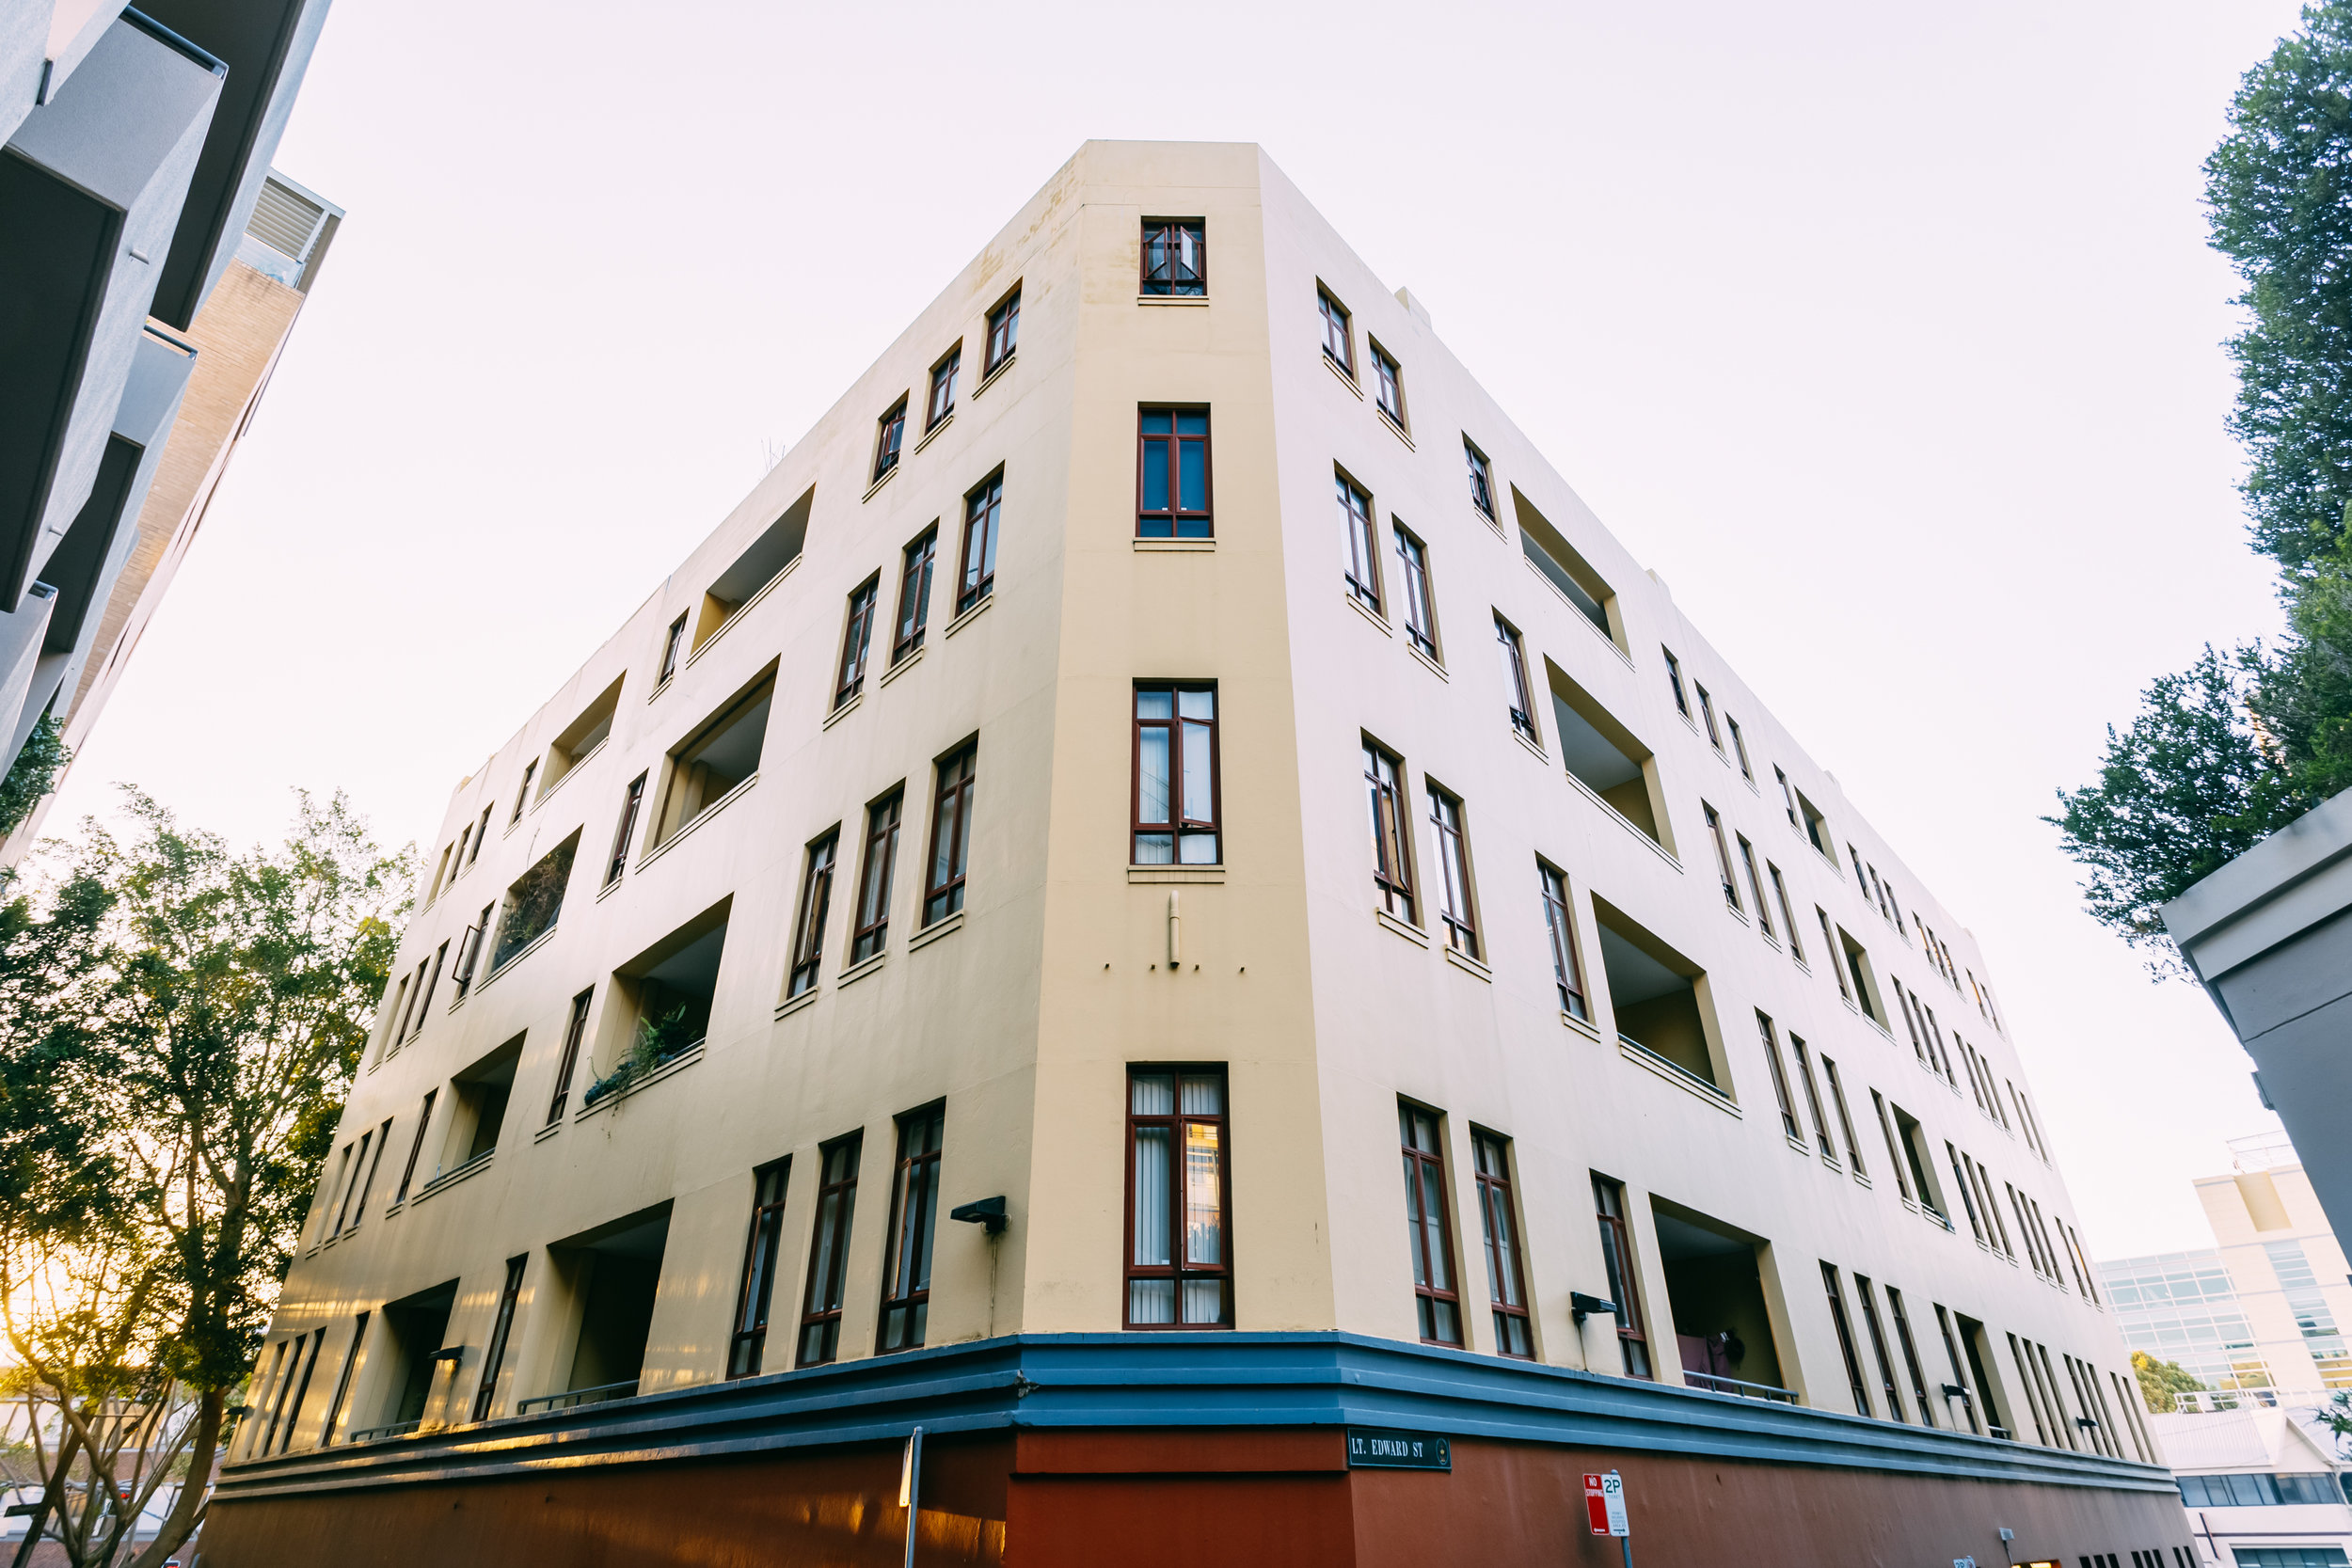 cwh_buildings_00811-HDR.jpg